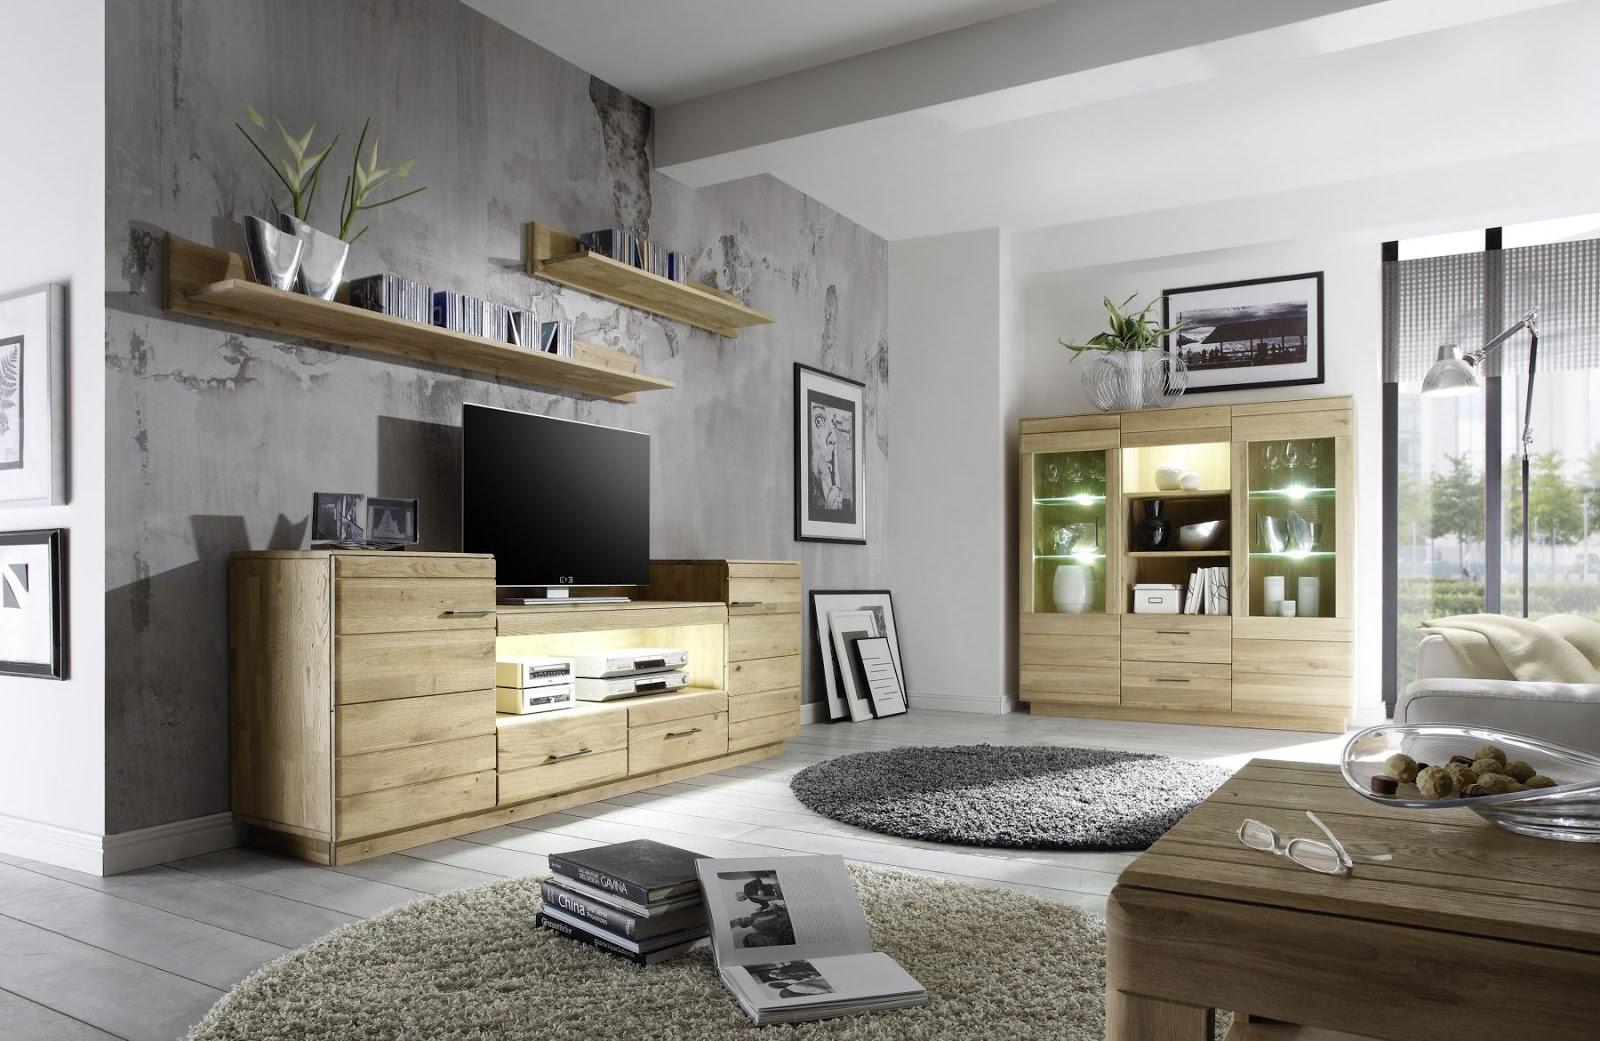 So Ein Paar Tipps Für Ein Wohnzimmer Minimalistisch Modern Zu Gestalten.  Wenn Sie Immer Noch Die Idee, Nicht Bekommen, Können Sie Einfach Ein Paar  Beispiele ...